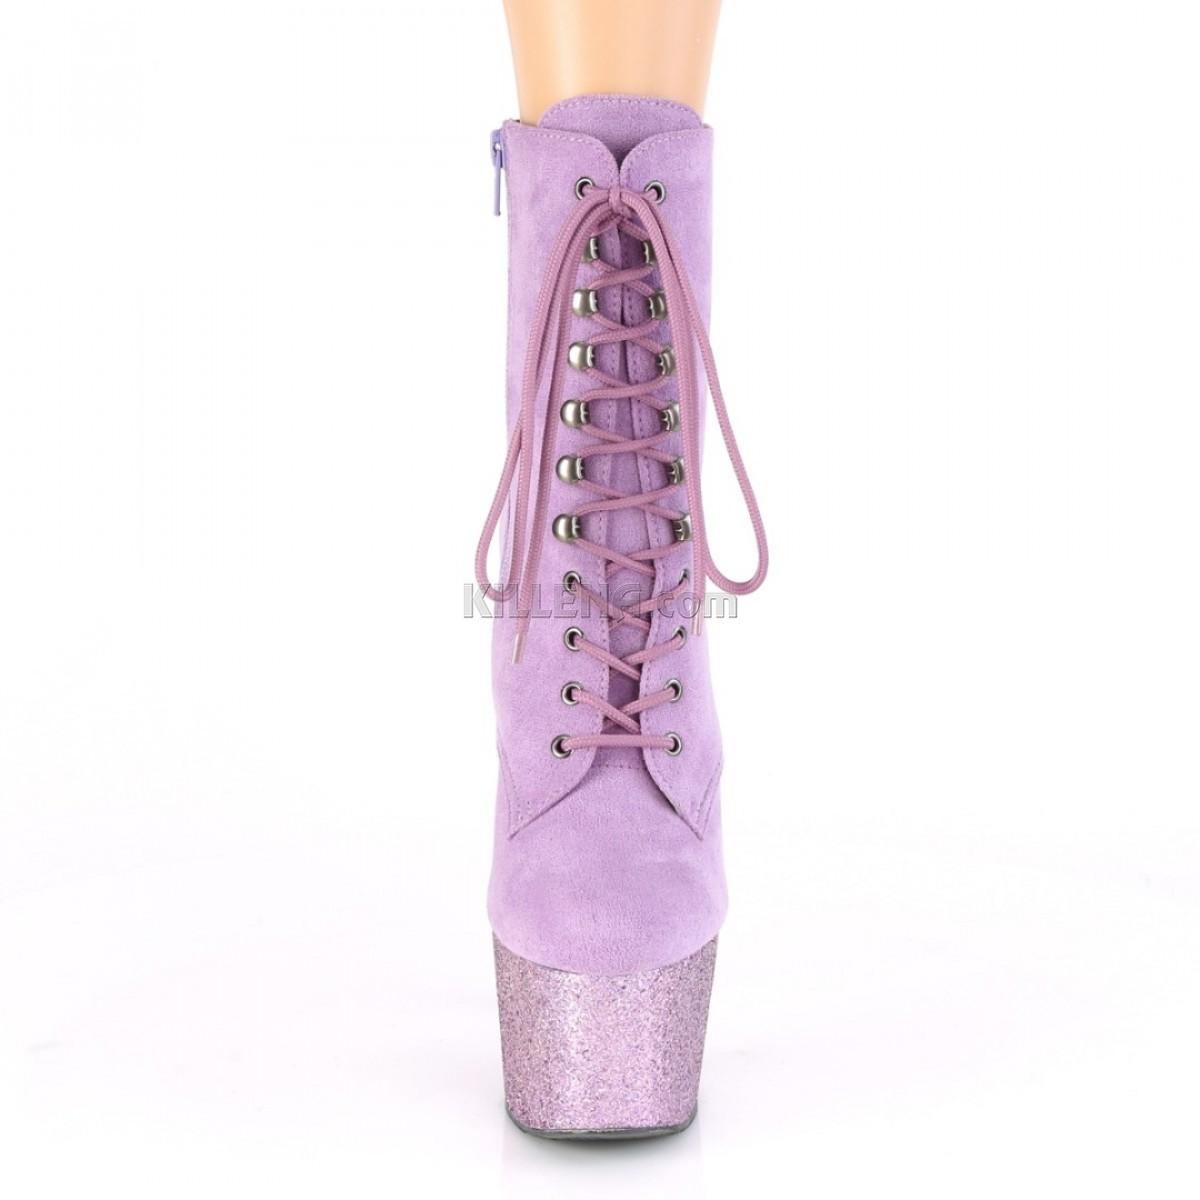 Ботиночки для pole dance, платформа покрыта сиреневыми блестками